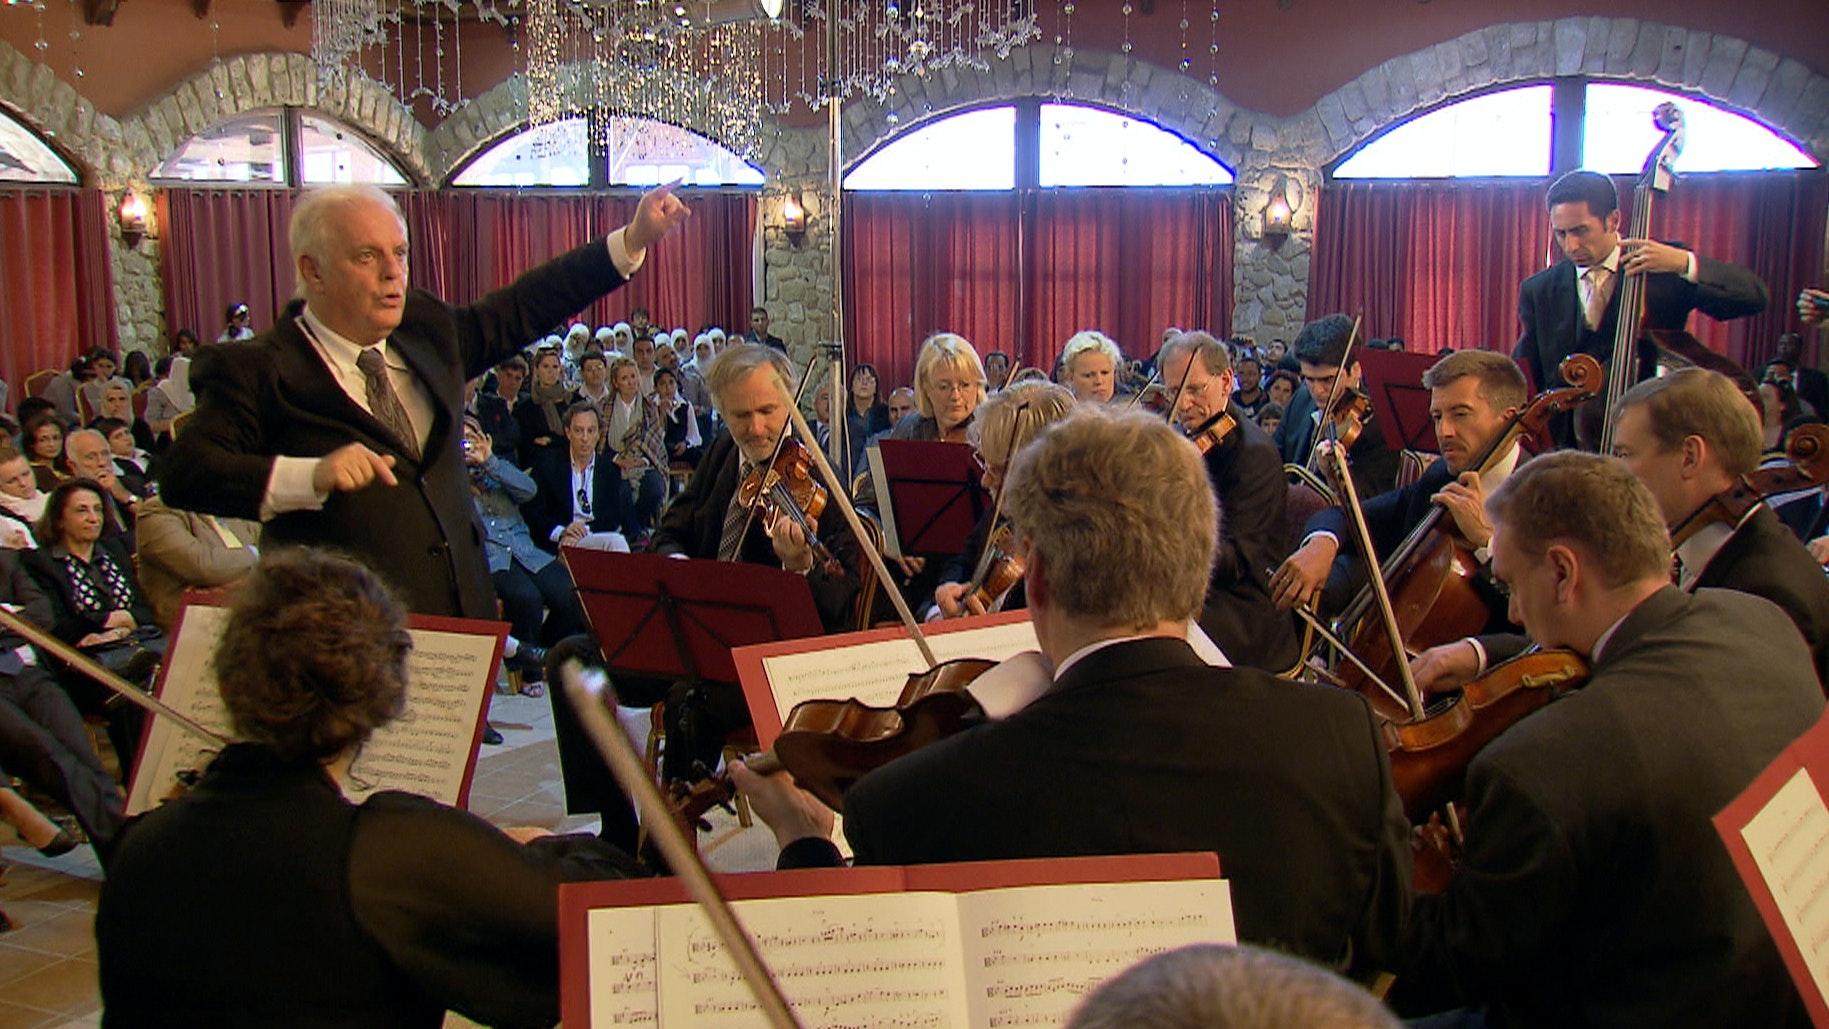 Crossing Borders: Daniel Barenboim on Music (I/III)